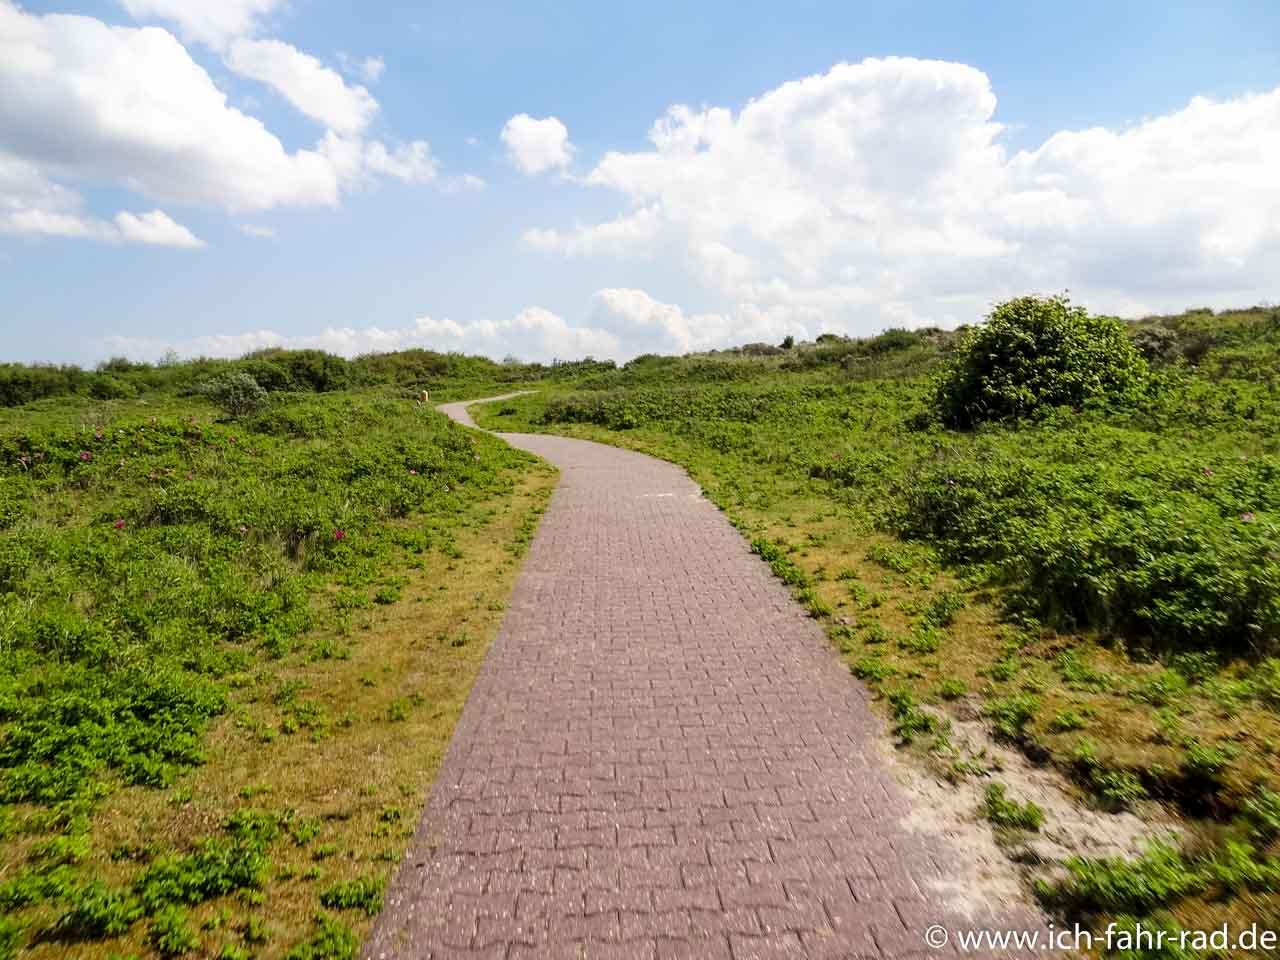 Borkum Karte Fahrradwege.Kann Man Auf Einer Insel Ne Schone Radtour Machen Ich